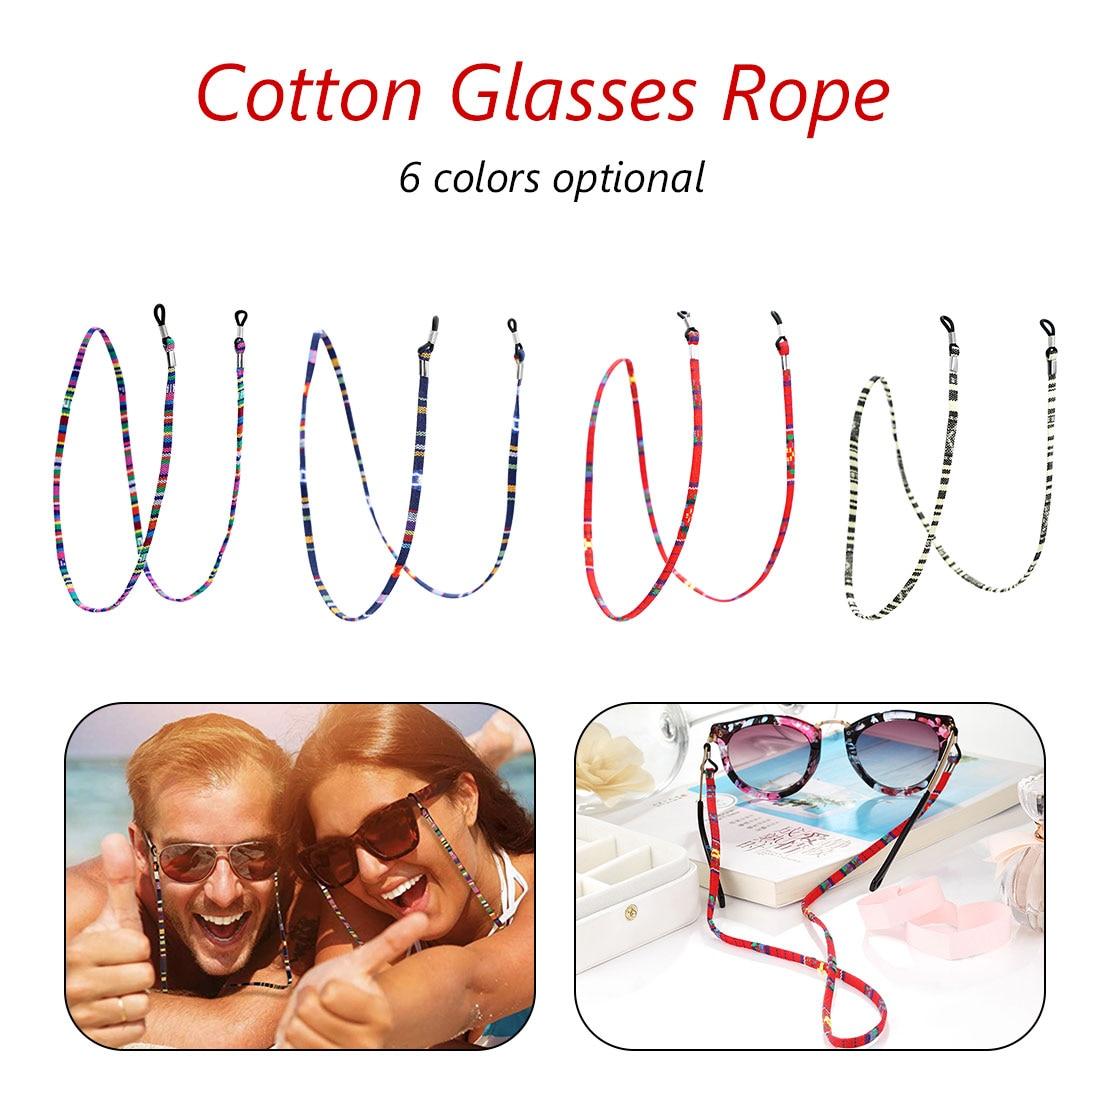 1 шт., 6 цветов, кожаный шнурок для очков, регулируемый конец, держатель для очков, красочные кожаные очки, шейный ремешок, веревка, ремешок